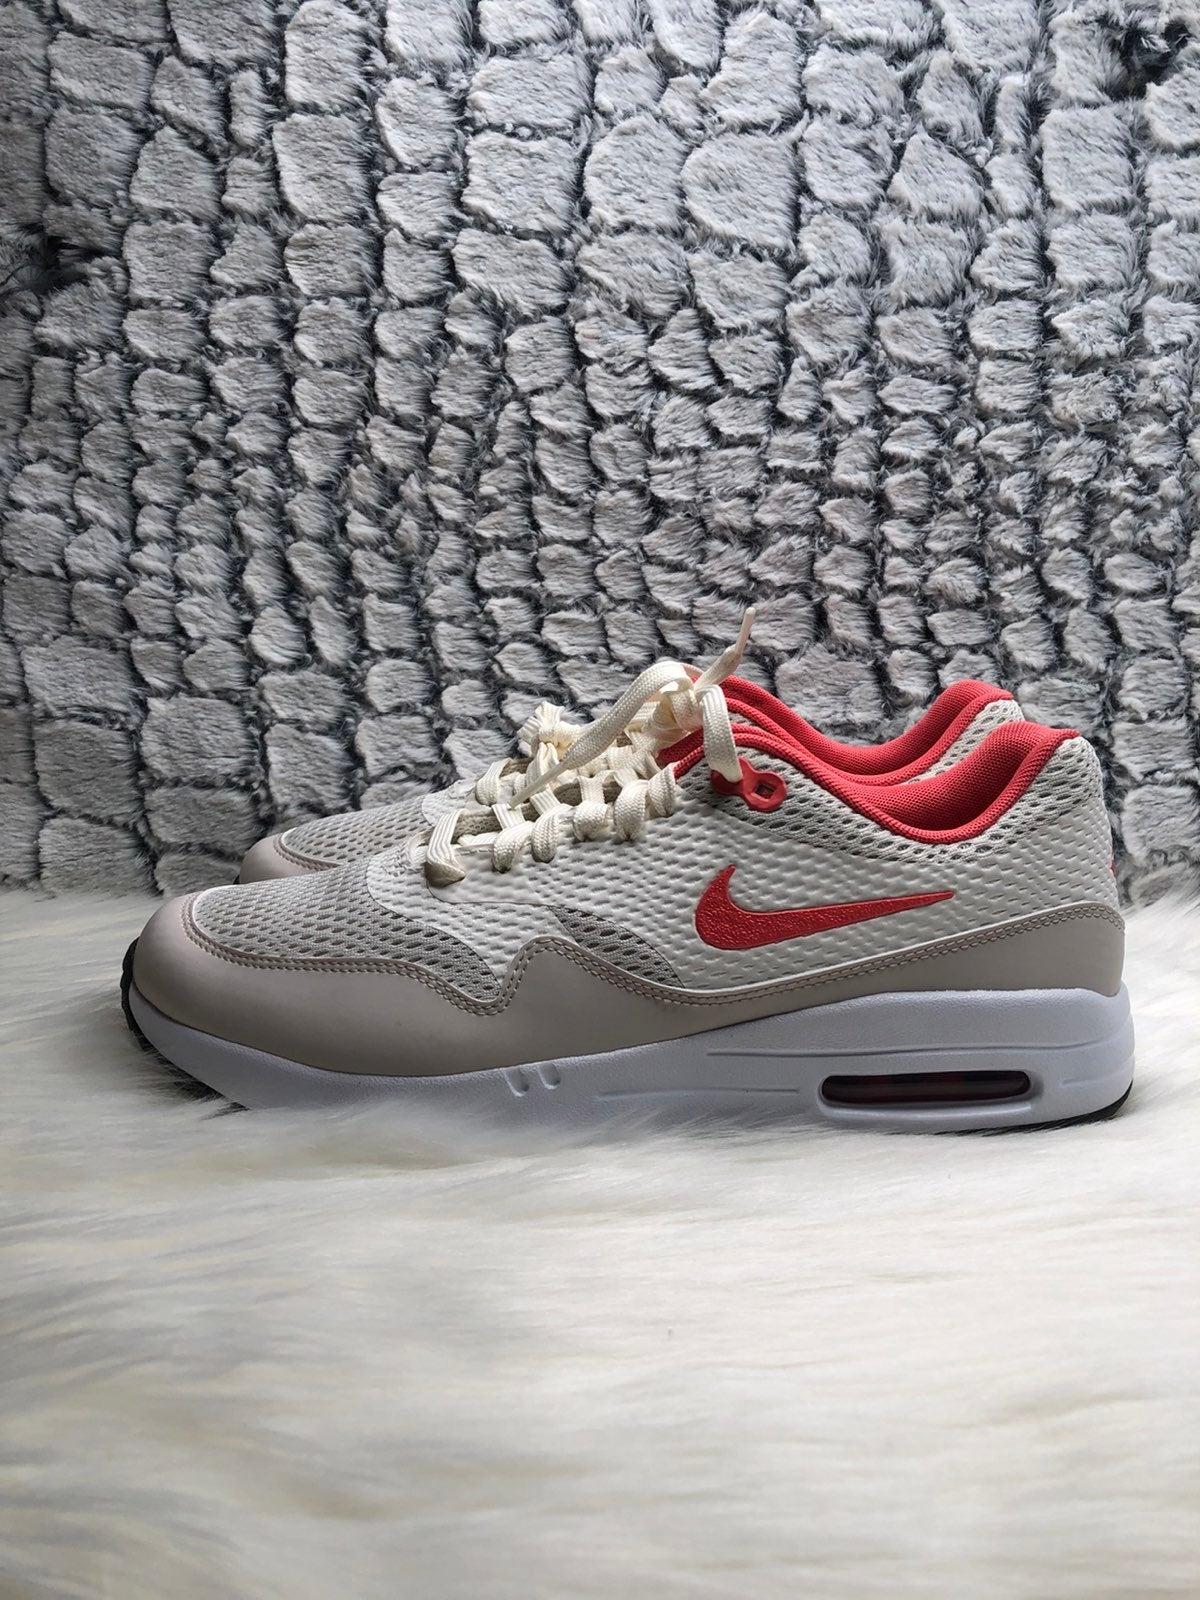 Nike Air Max 1 golf shoes